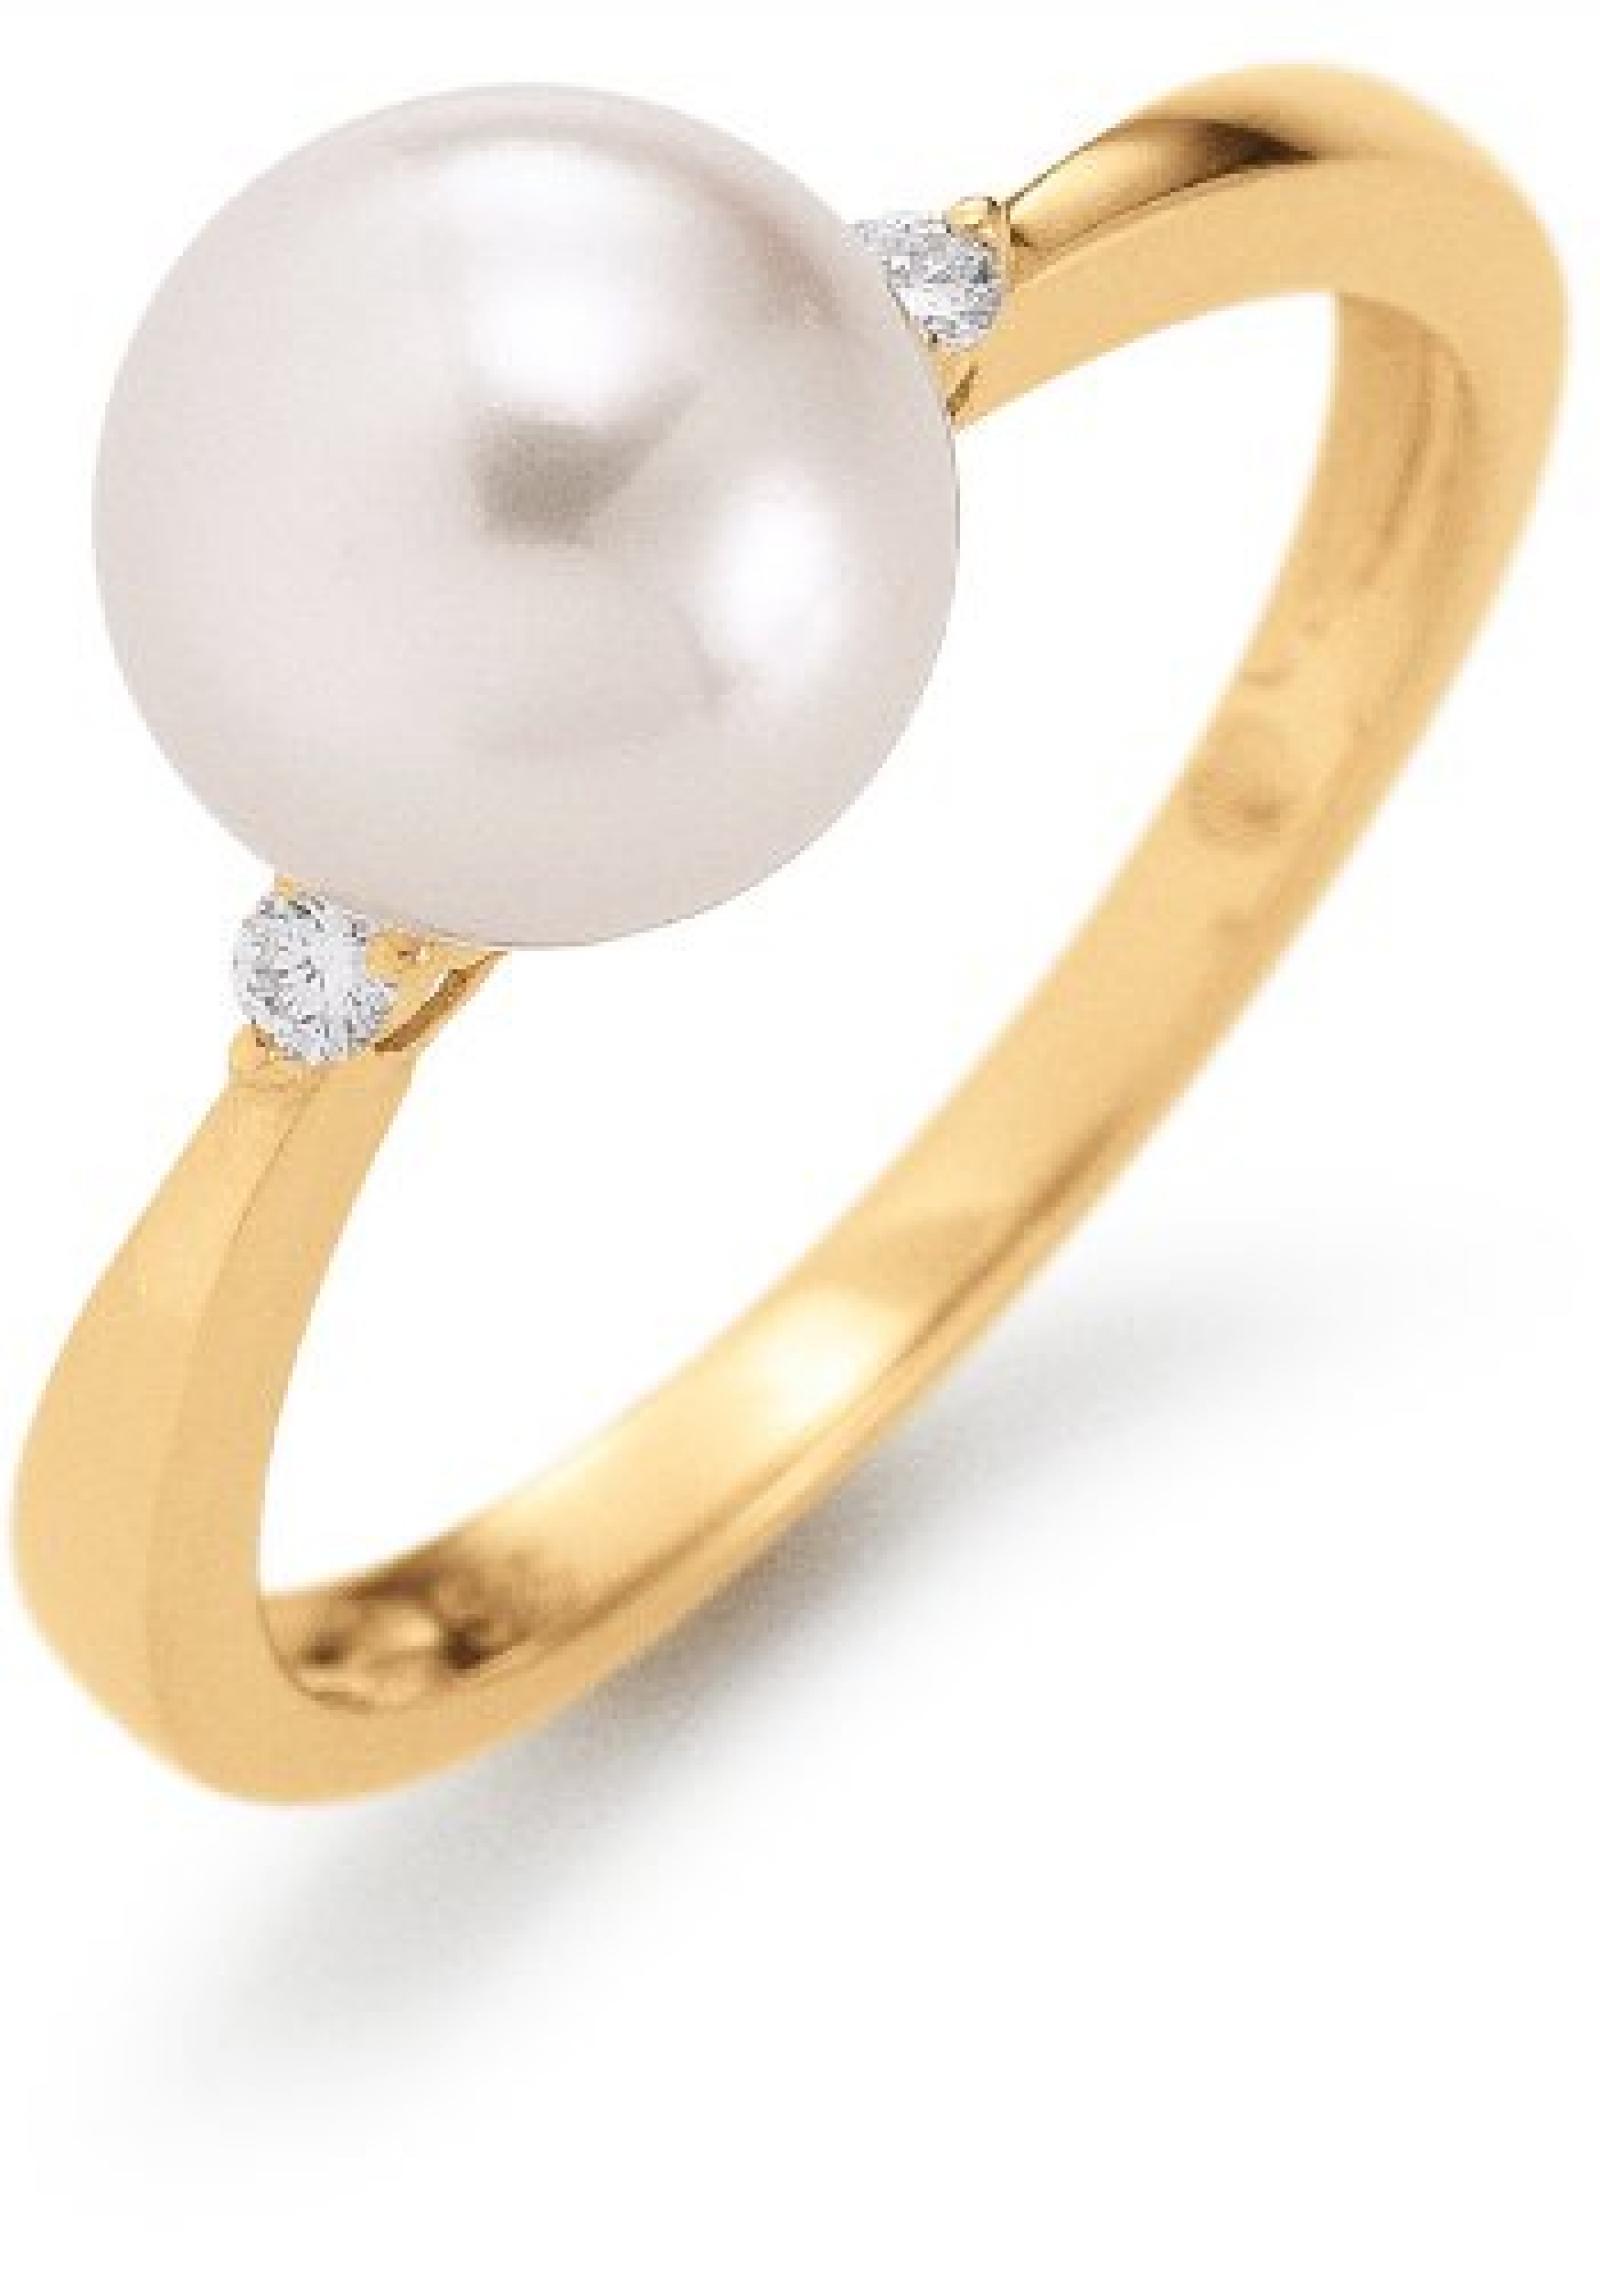 Adriana Damen-Ring Akoya Zuchtperlen mit Brillant 585 Gelbgold Eleganza E12